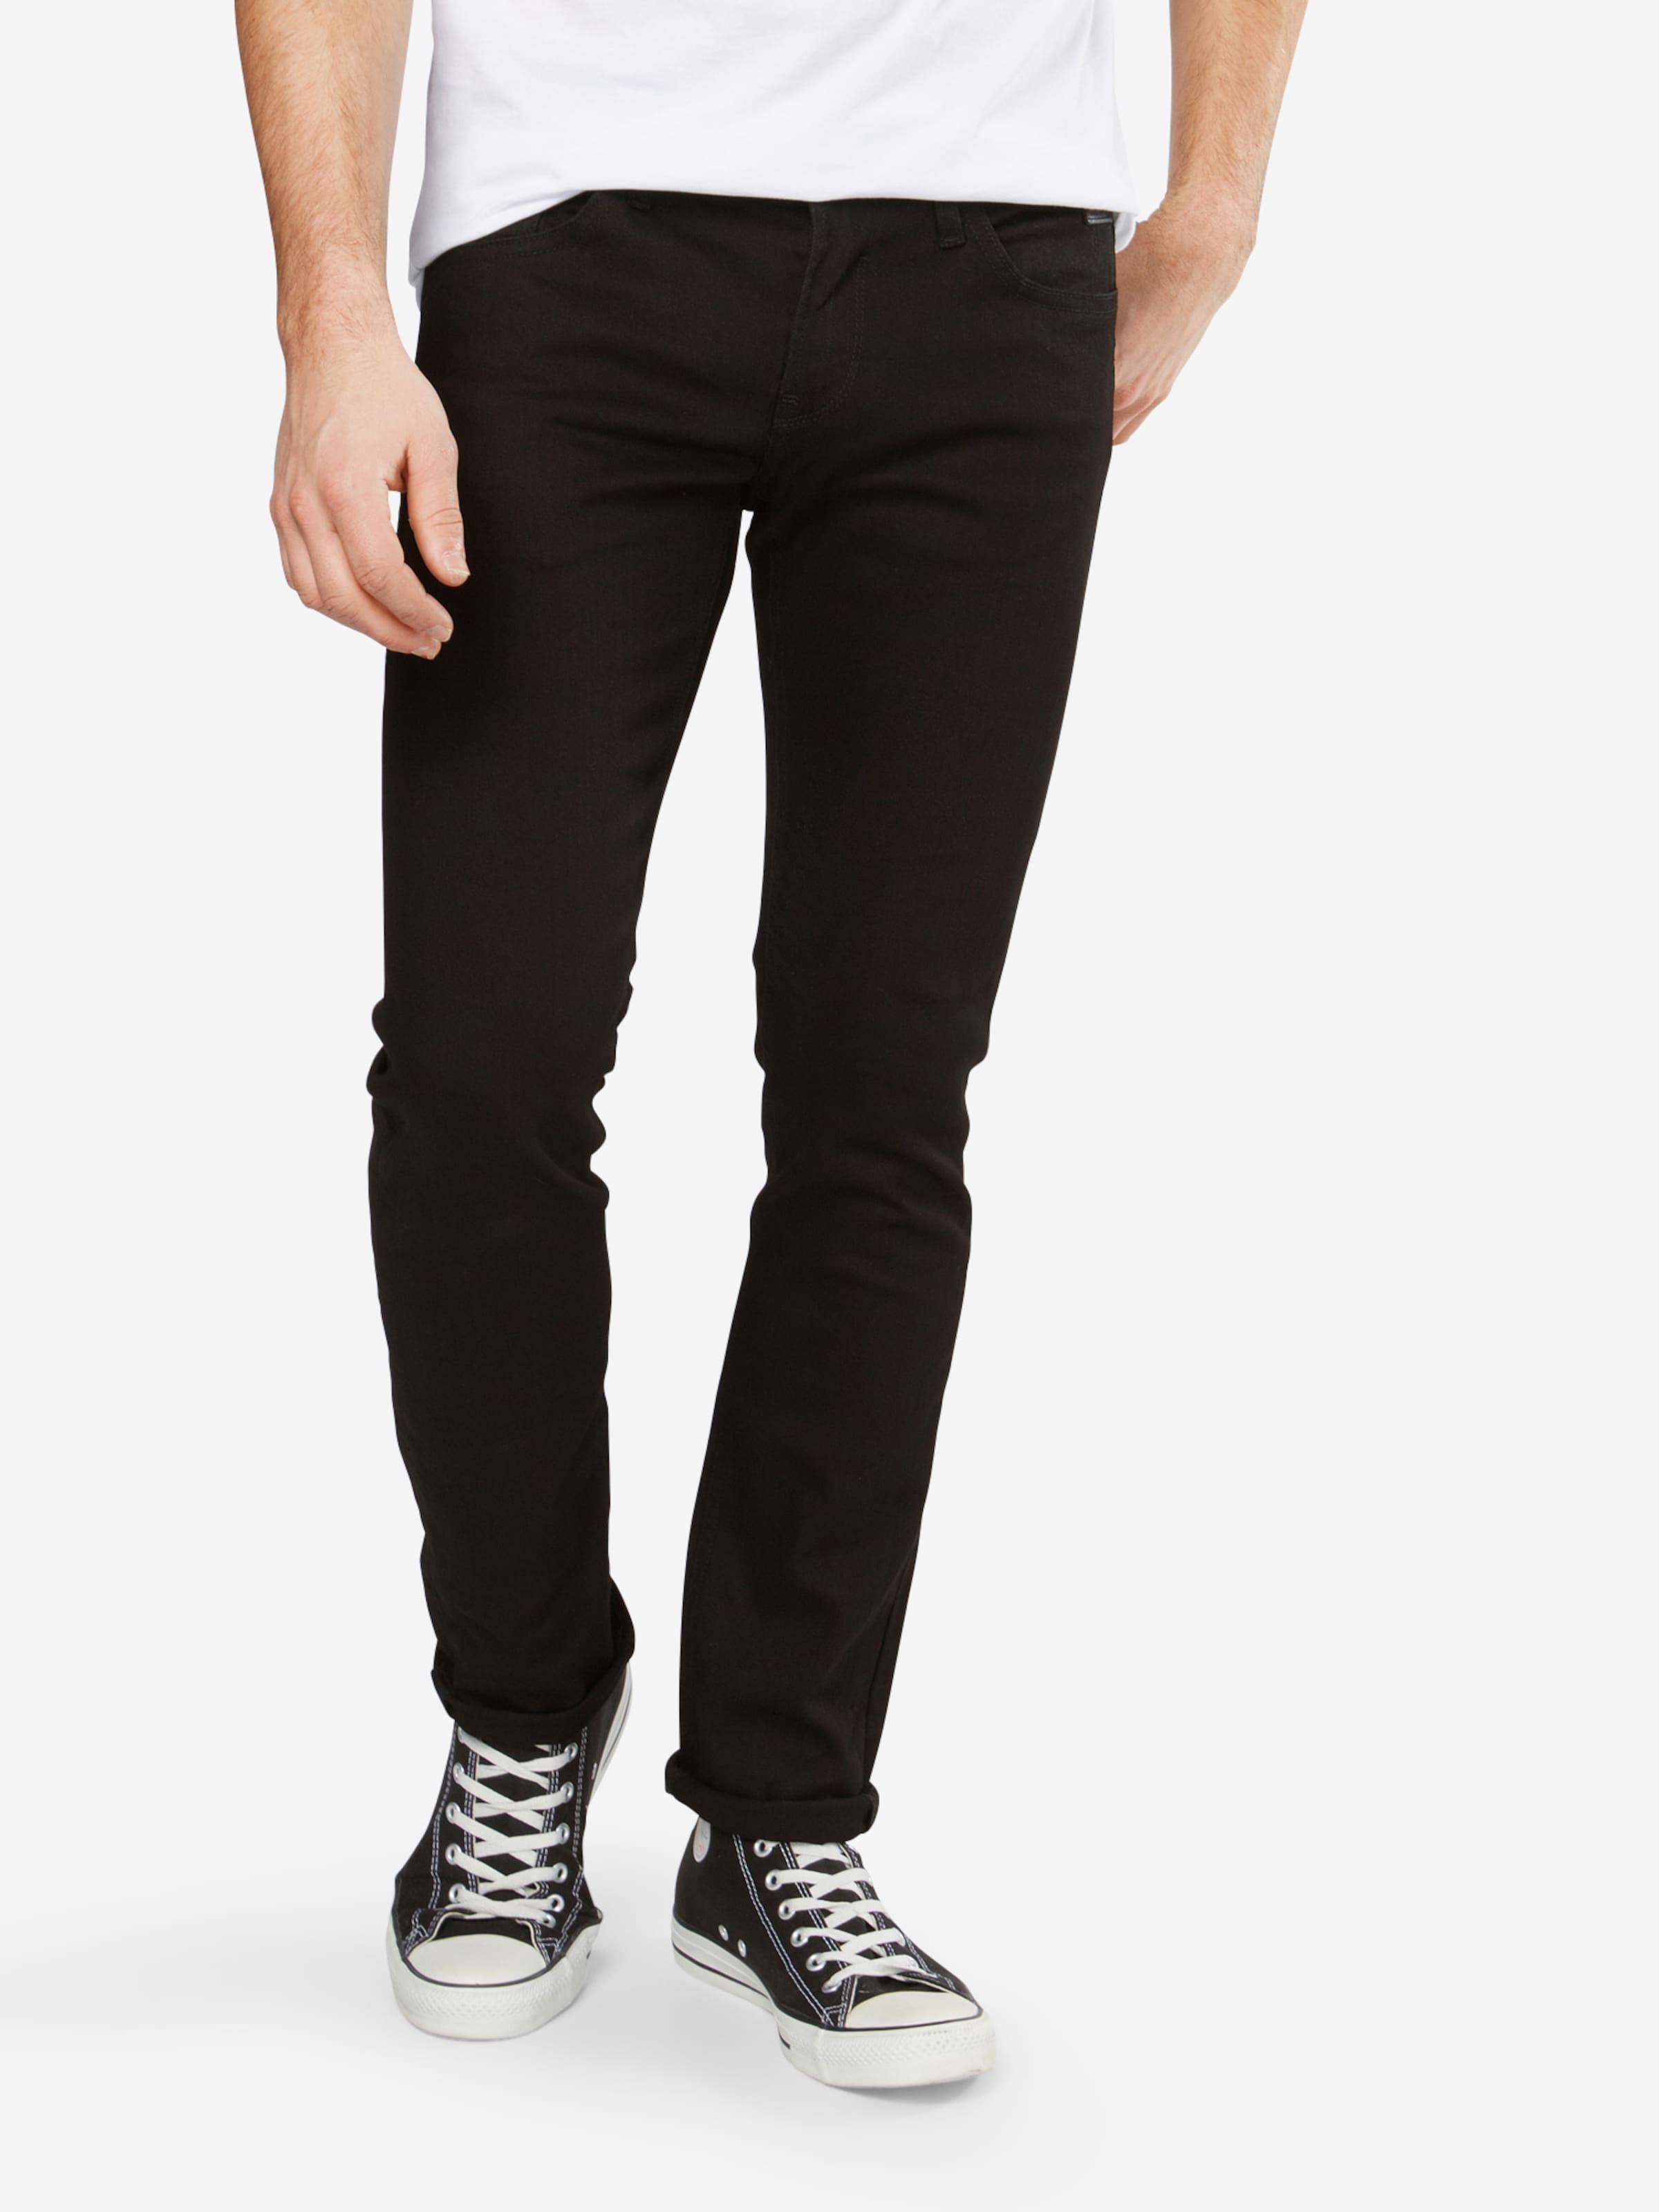 Freies Verschiffen Bester Großhandel Verkauf 2018 BLEND Jeans 'Cirrus - NOOS' Bestes Geschäft Zu Bekommen Online Heißen Verkauf Günstiger Preis sRHBA